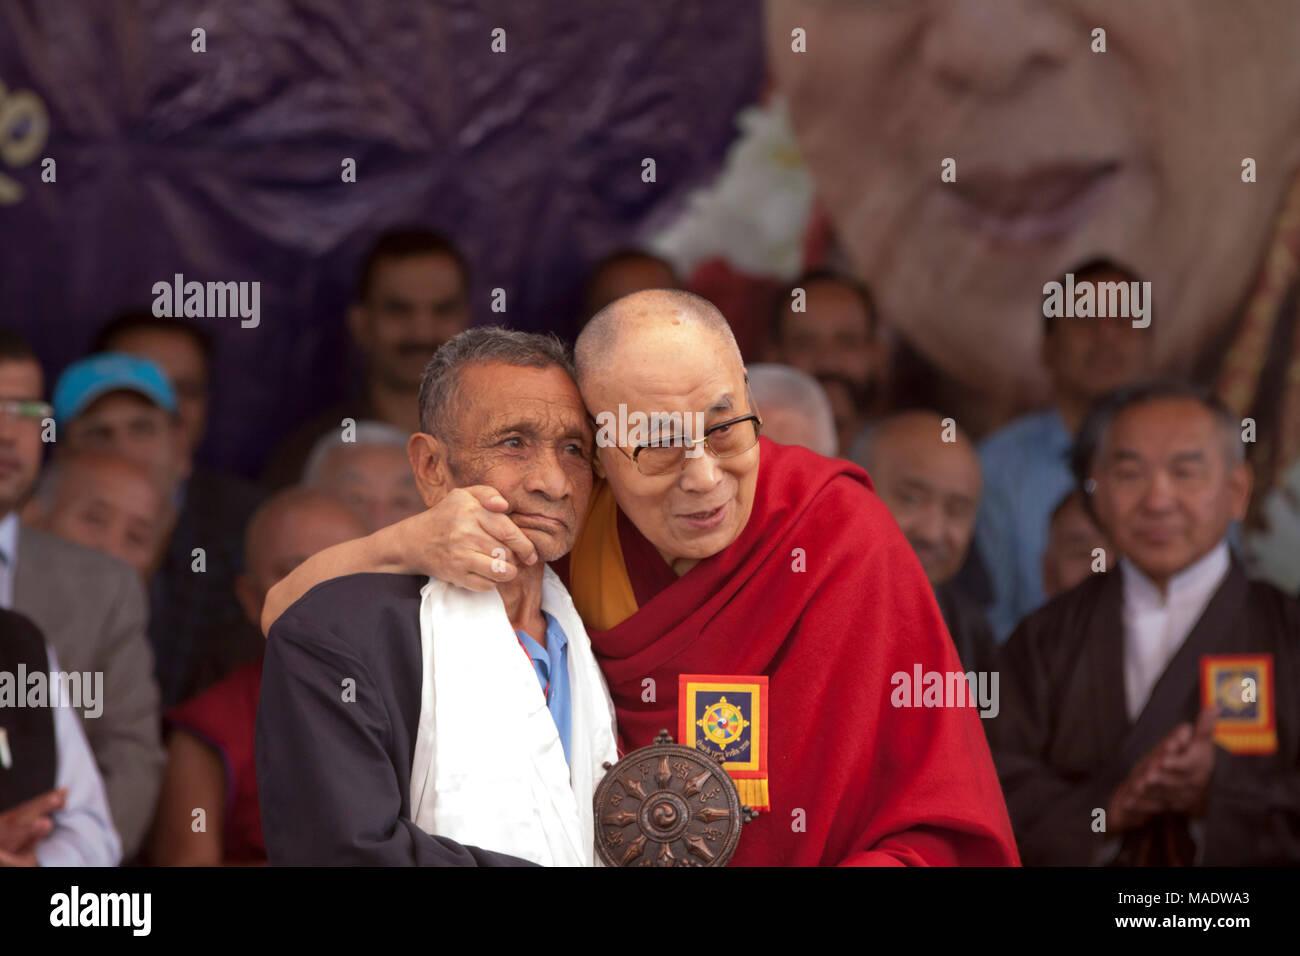 Dalai Lama 1959 Stock Photos & Dalai Lama 1959 Stock Images - Alamy